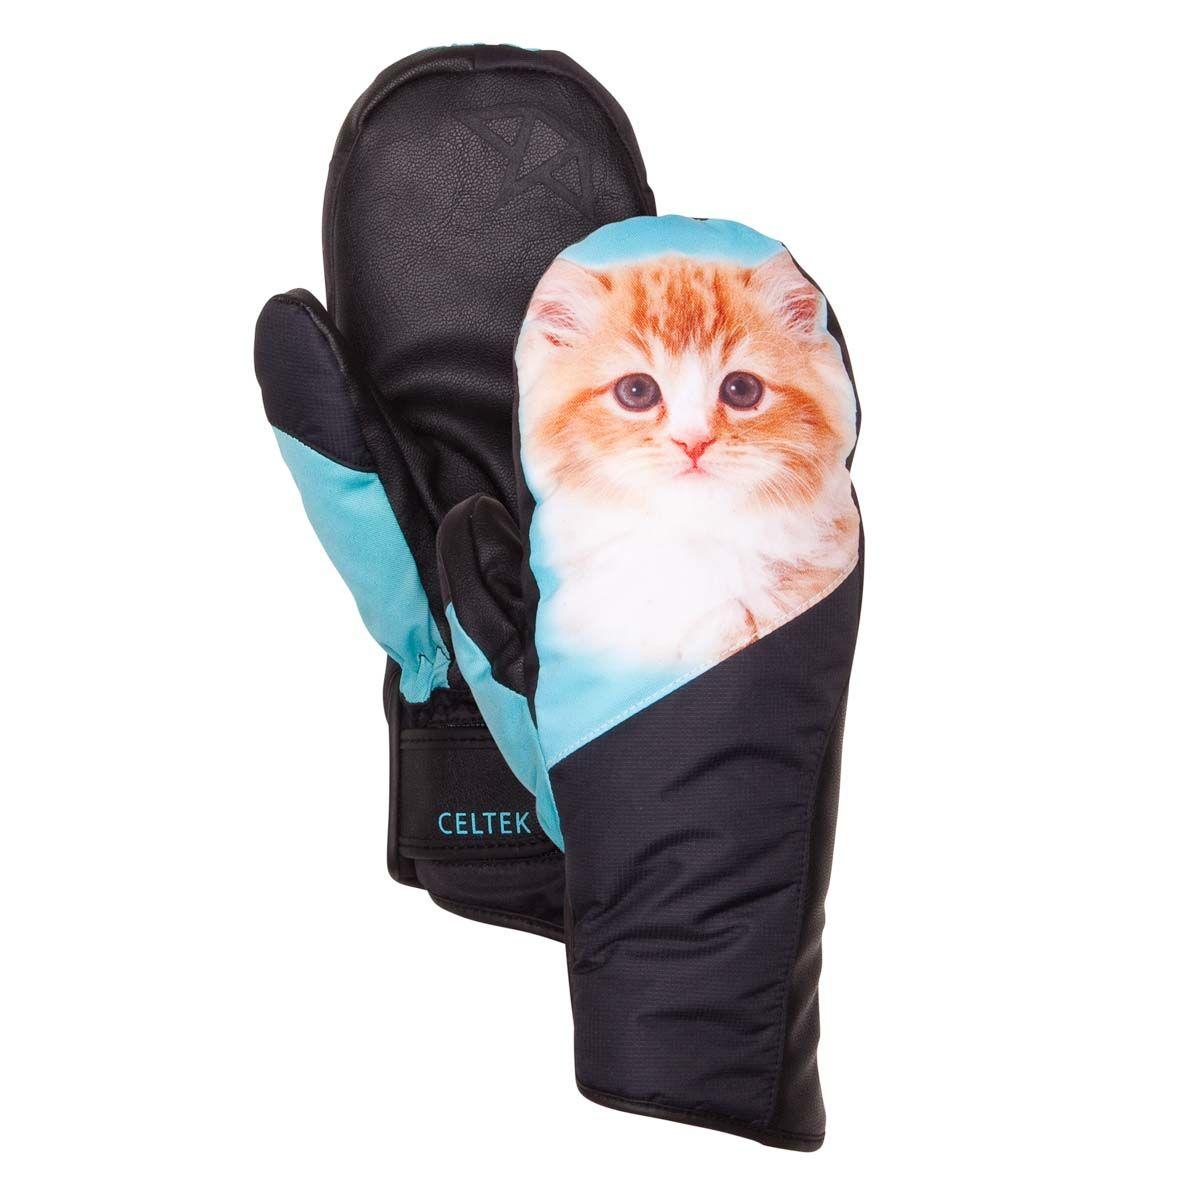 Maya Mitten Celtek Womens Snow Glove Buy Now Kitten Mittens Snowboard Gloves Mitten